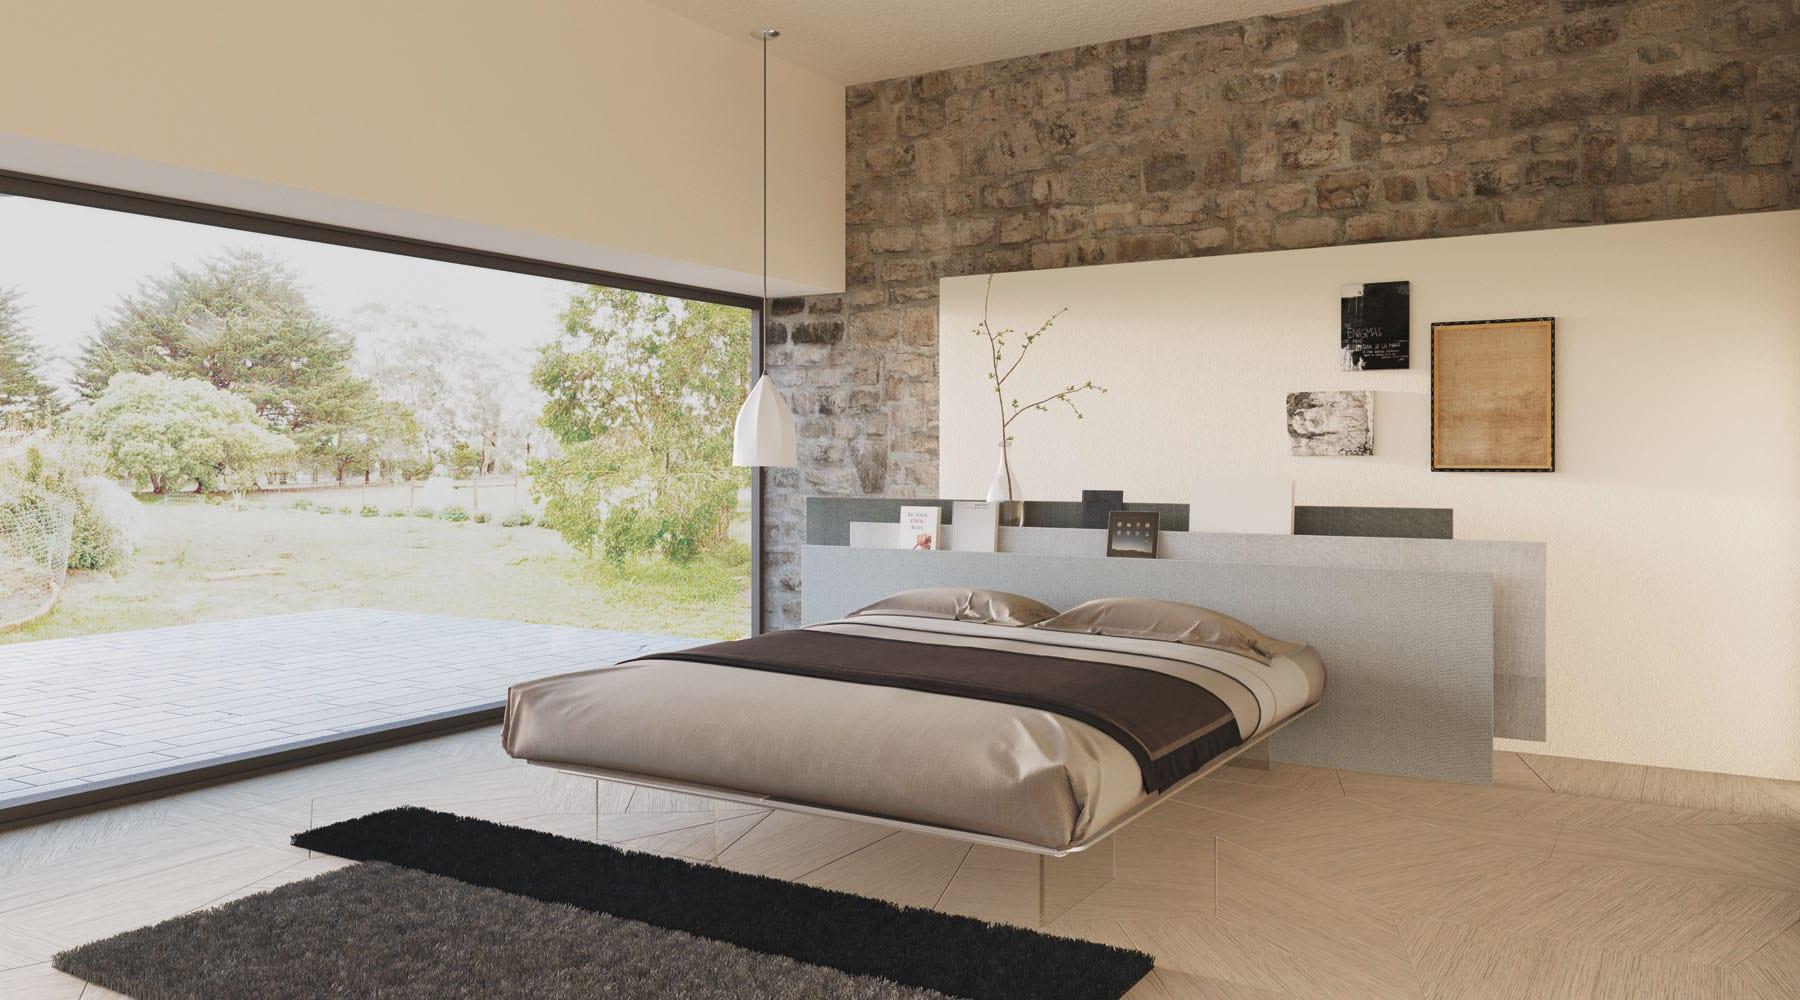 minimalistische schlafzimmer einrichtung mit lzxzs bett und ...